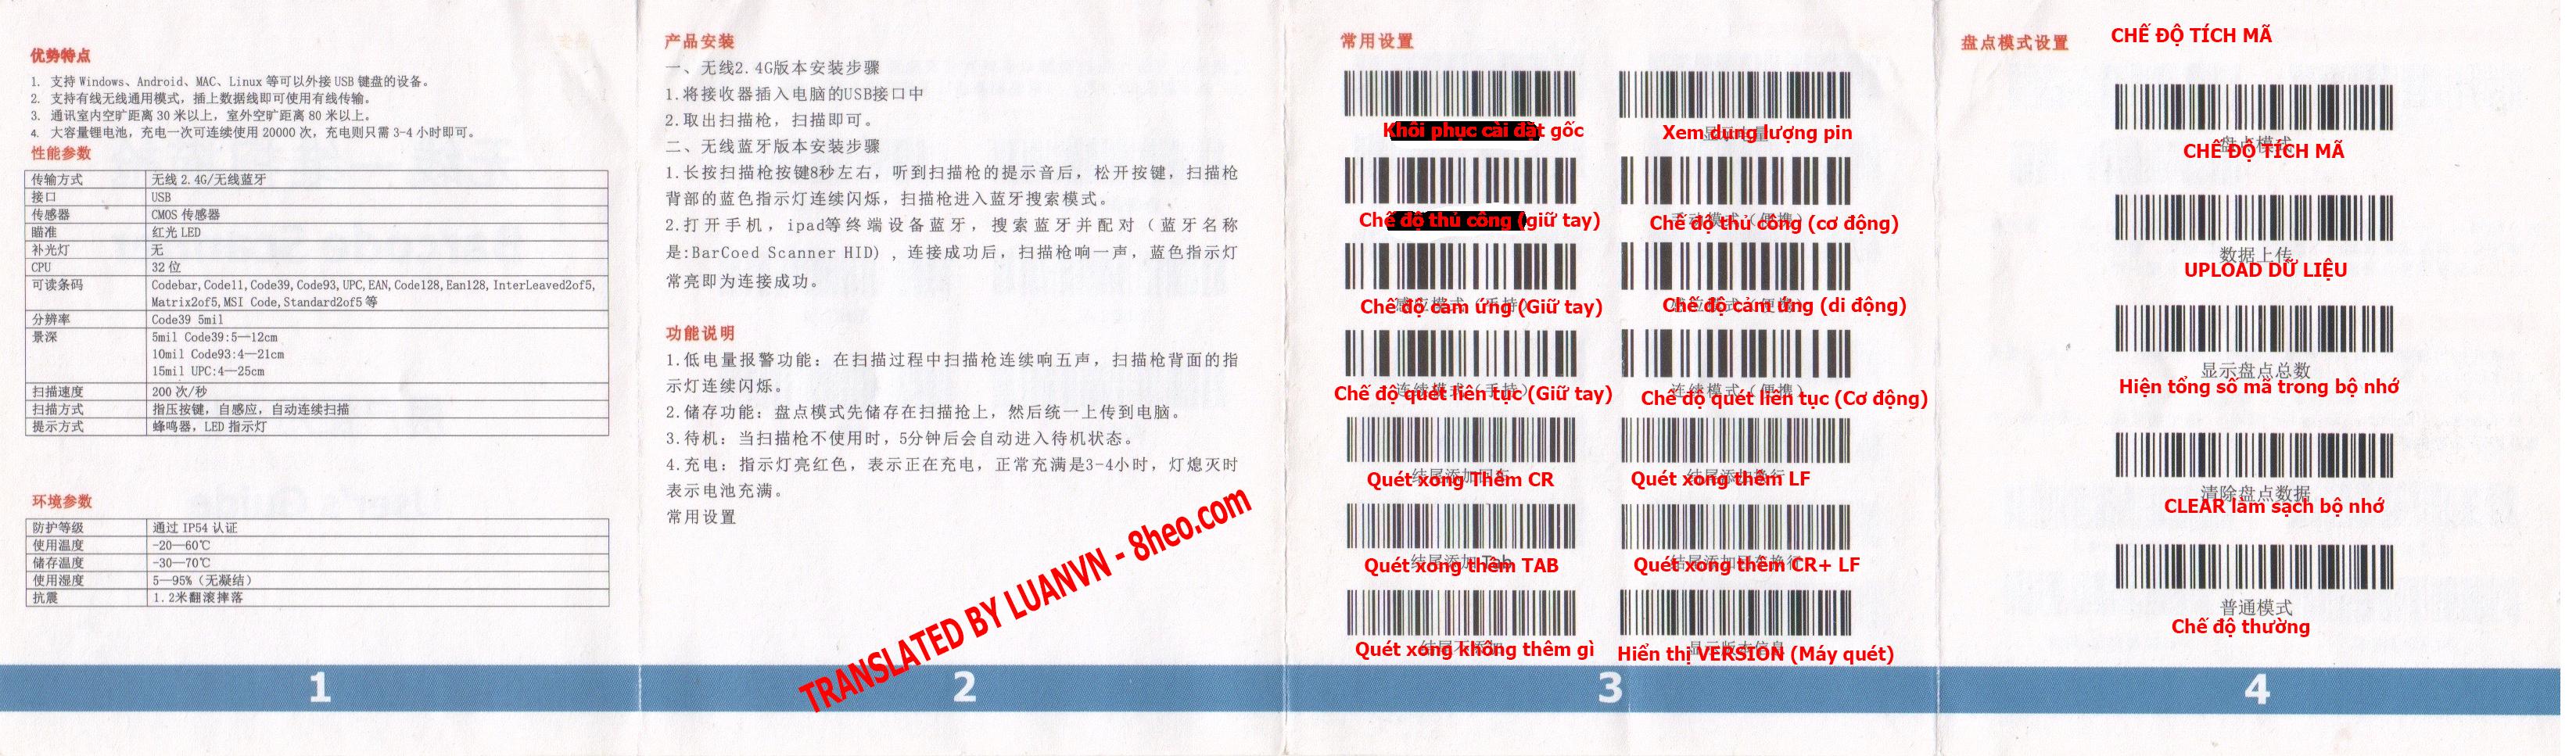 Sổ cài đặt máy quét mã vạch ivn060